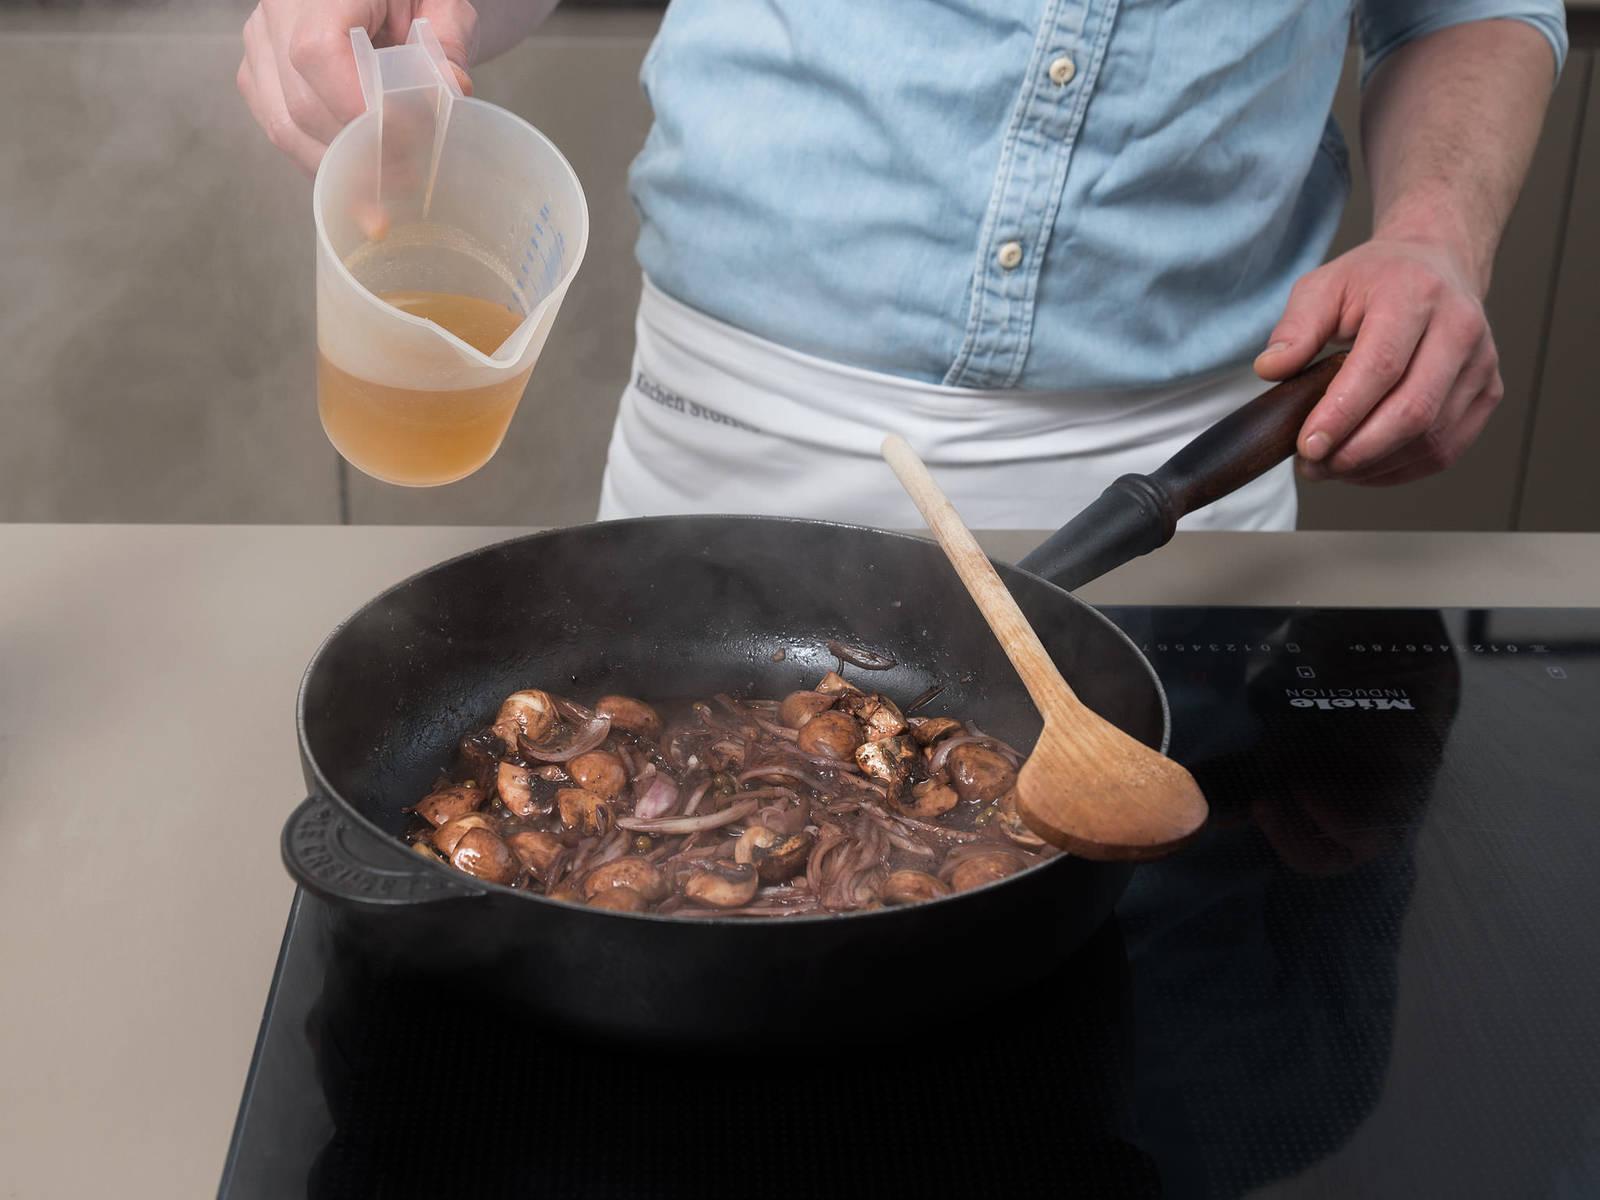 Restliches Olivenöl in die Pfanne geben und Pfefferkörner, Schalotten und Champignons darin anbraten. Pfanne mit Rotwein ablöschen und ca. 1 Min. köcheln lassen. Rinderbrühe dazugeben und die Soße ca. 3 Min. reduzieren lassen.